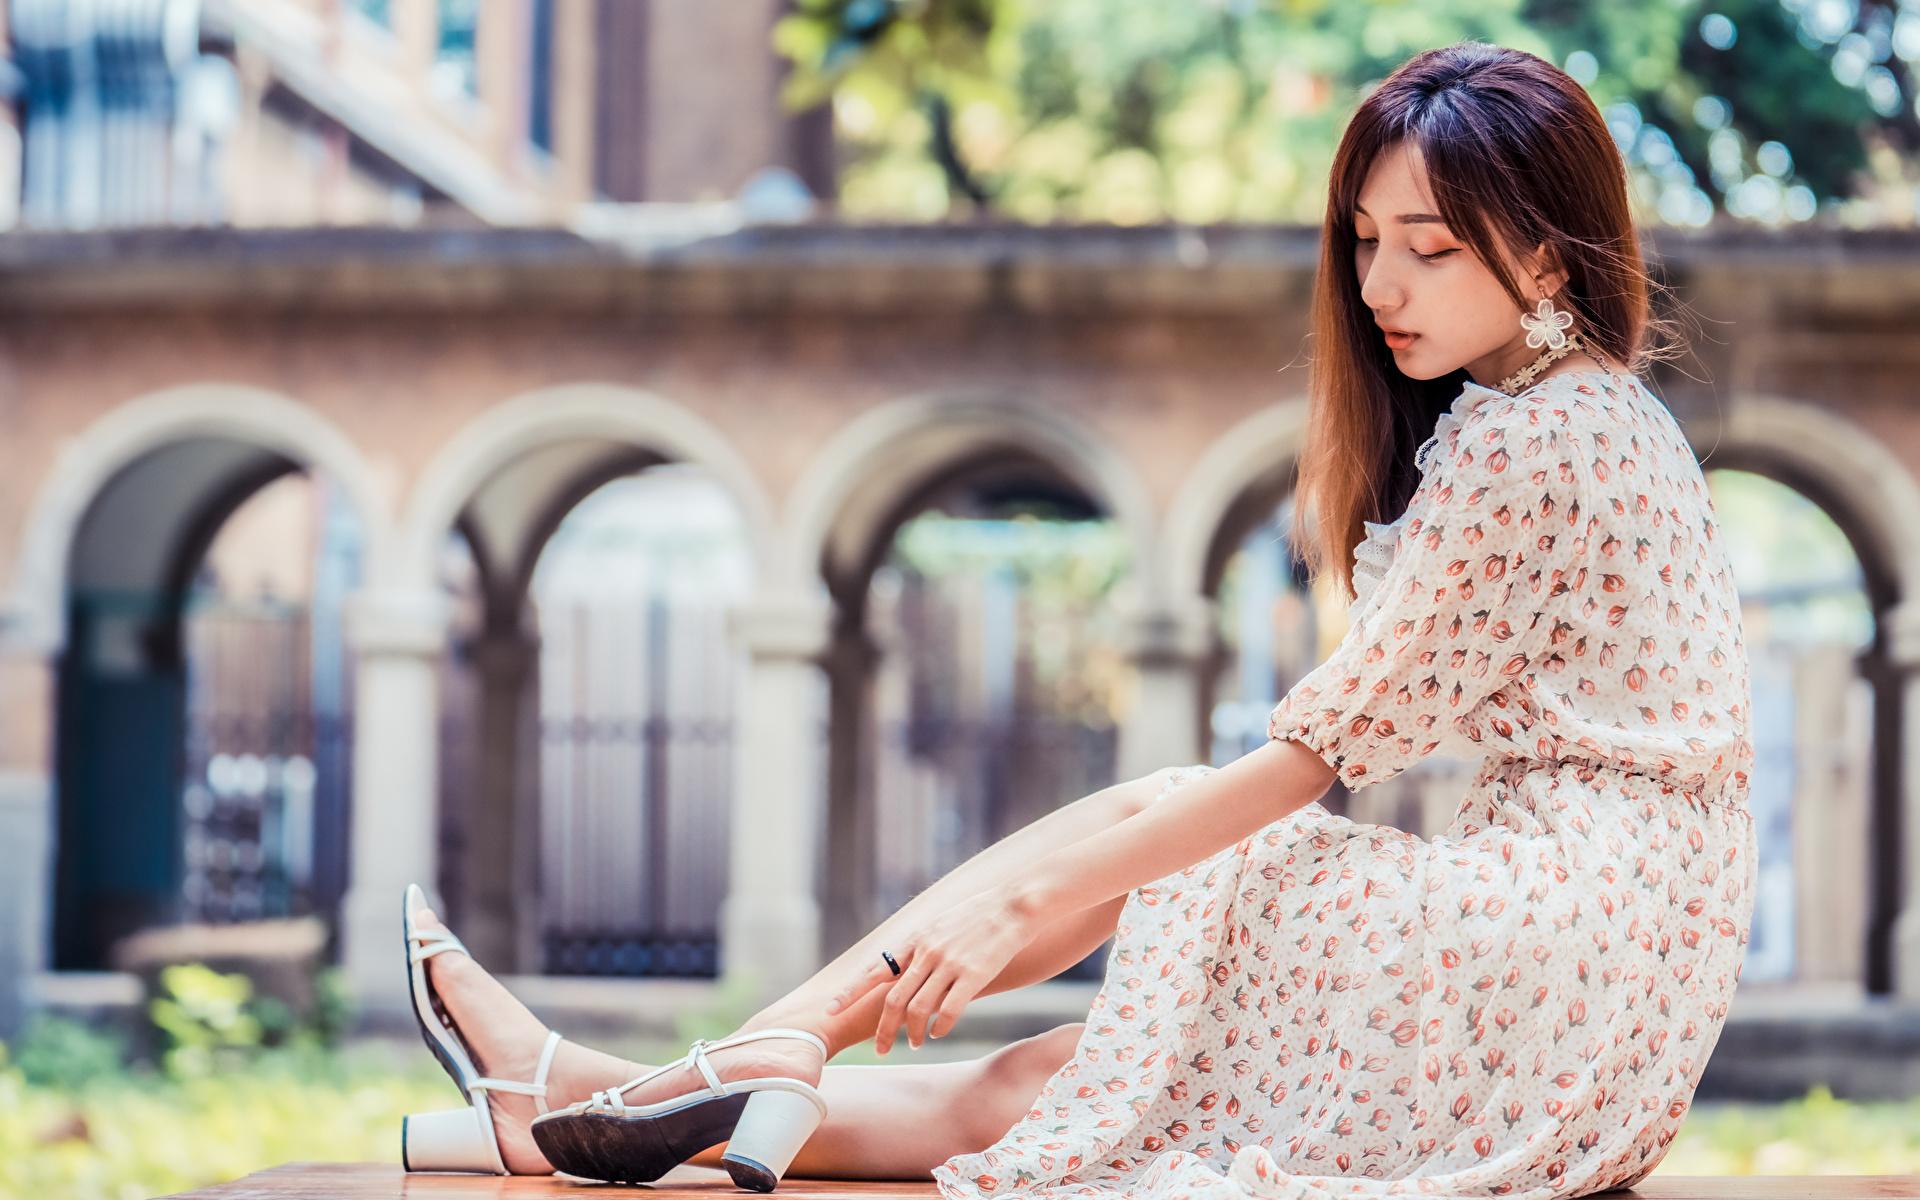 Фото Размытый фон девушка азиатки Сидит Платье 1920x1200 боке Девушки молодая женщина молодые женщины Азиаты азиатка сидя сидящие платья